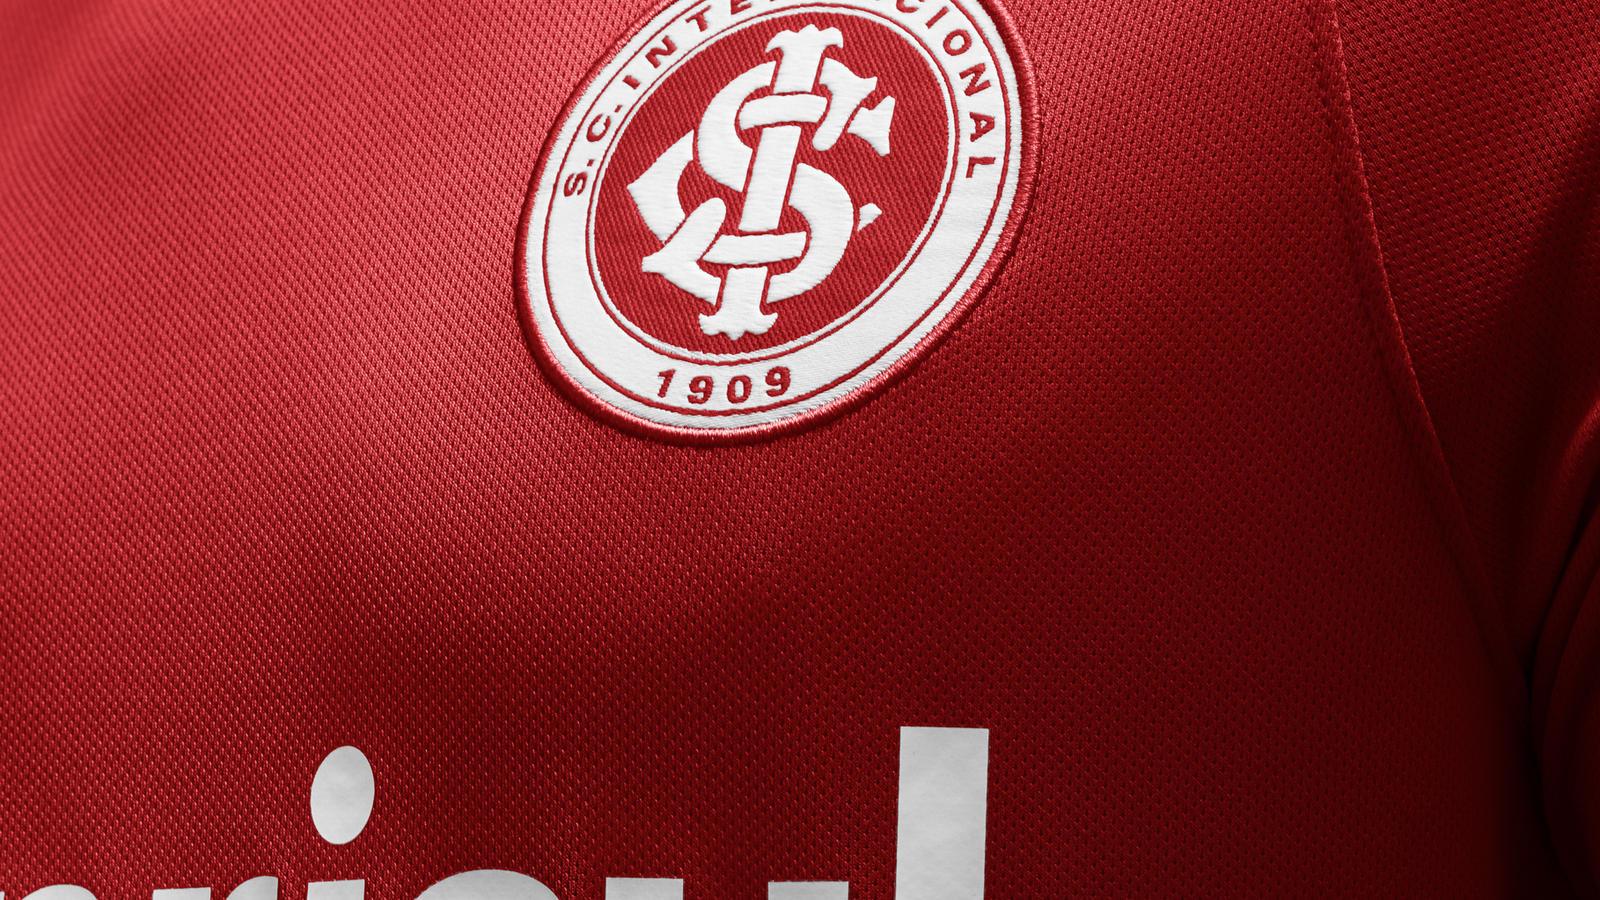 Nike and Internacional Unveil New Home Kit for 2014-15 Season